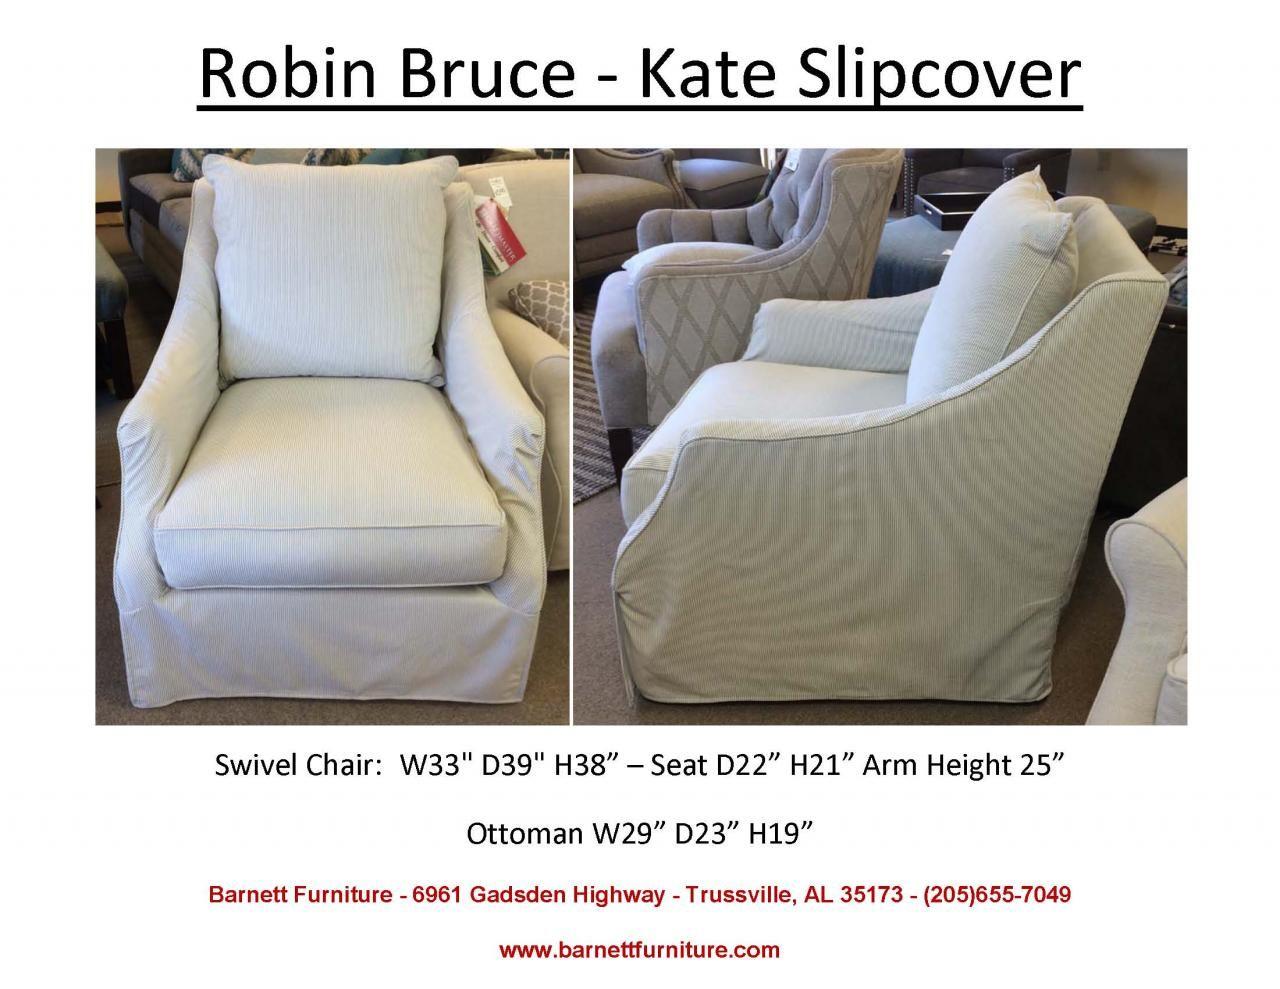 Robin Bruce Kate Slipcover Swivel Chair (Image 22 of 25)